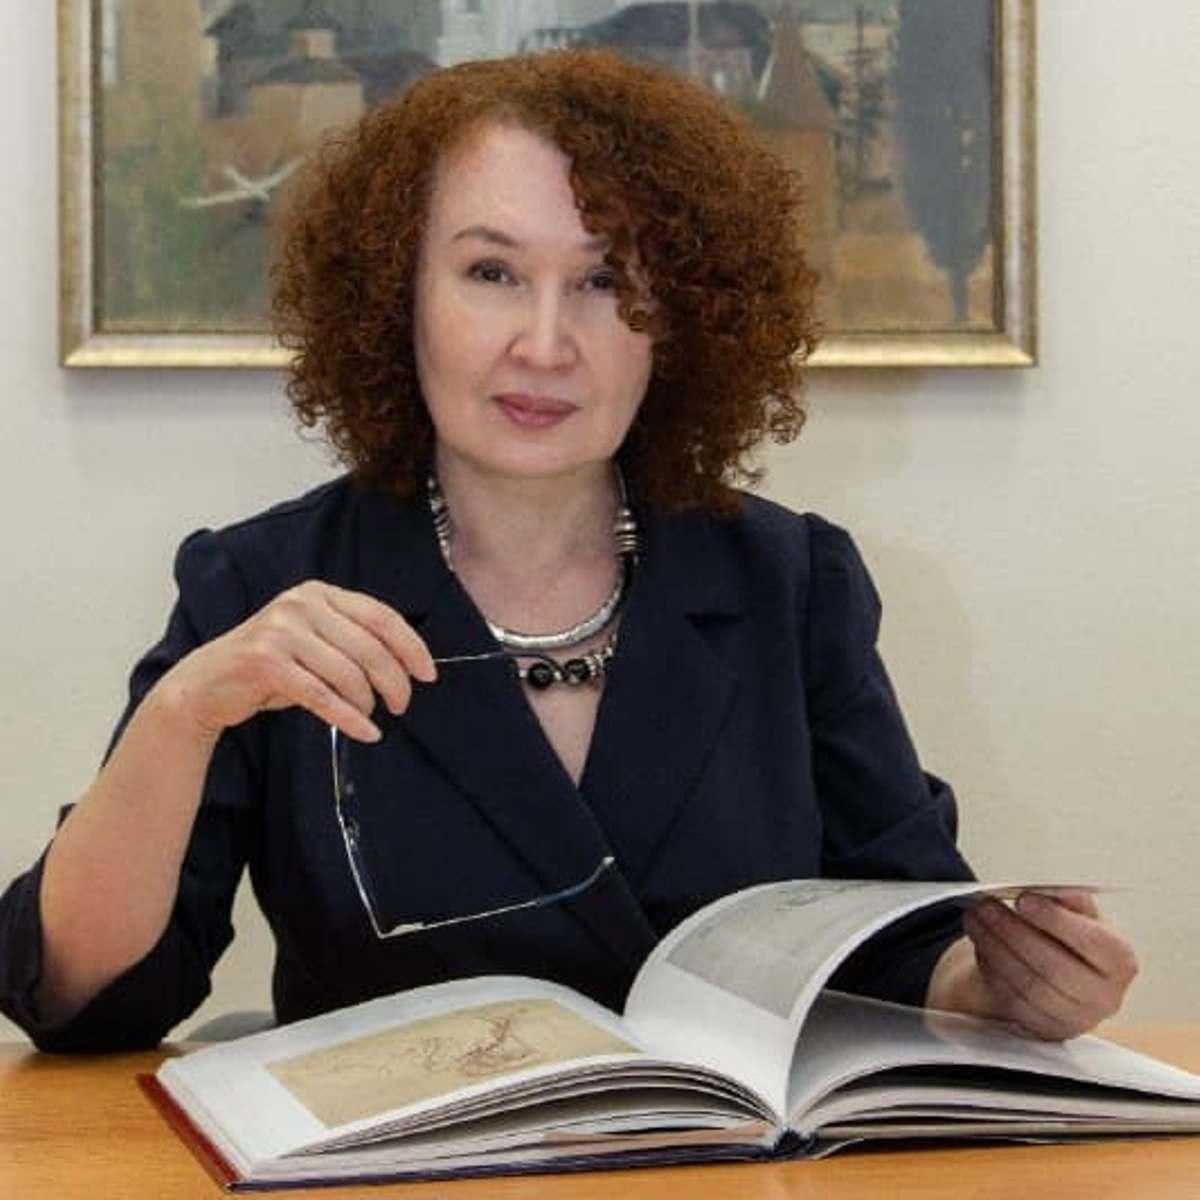 Просветители из Марий Эл могут подать заявку на соискание премии «Знание»